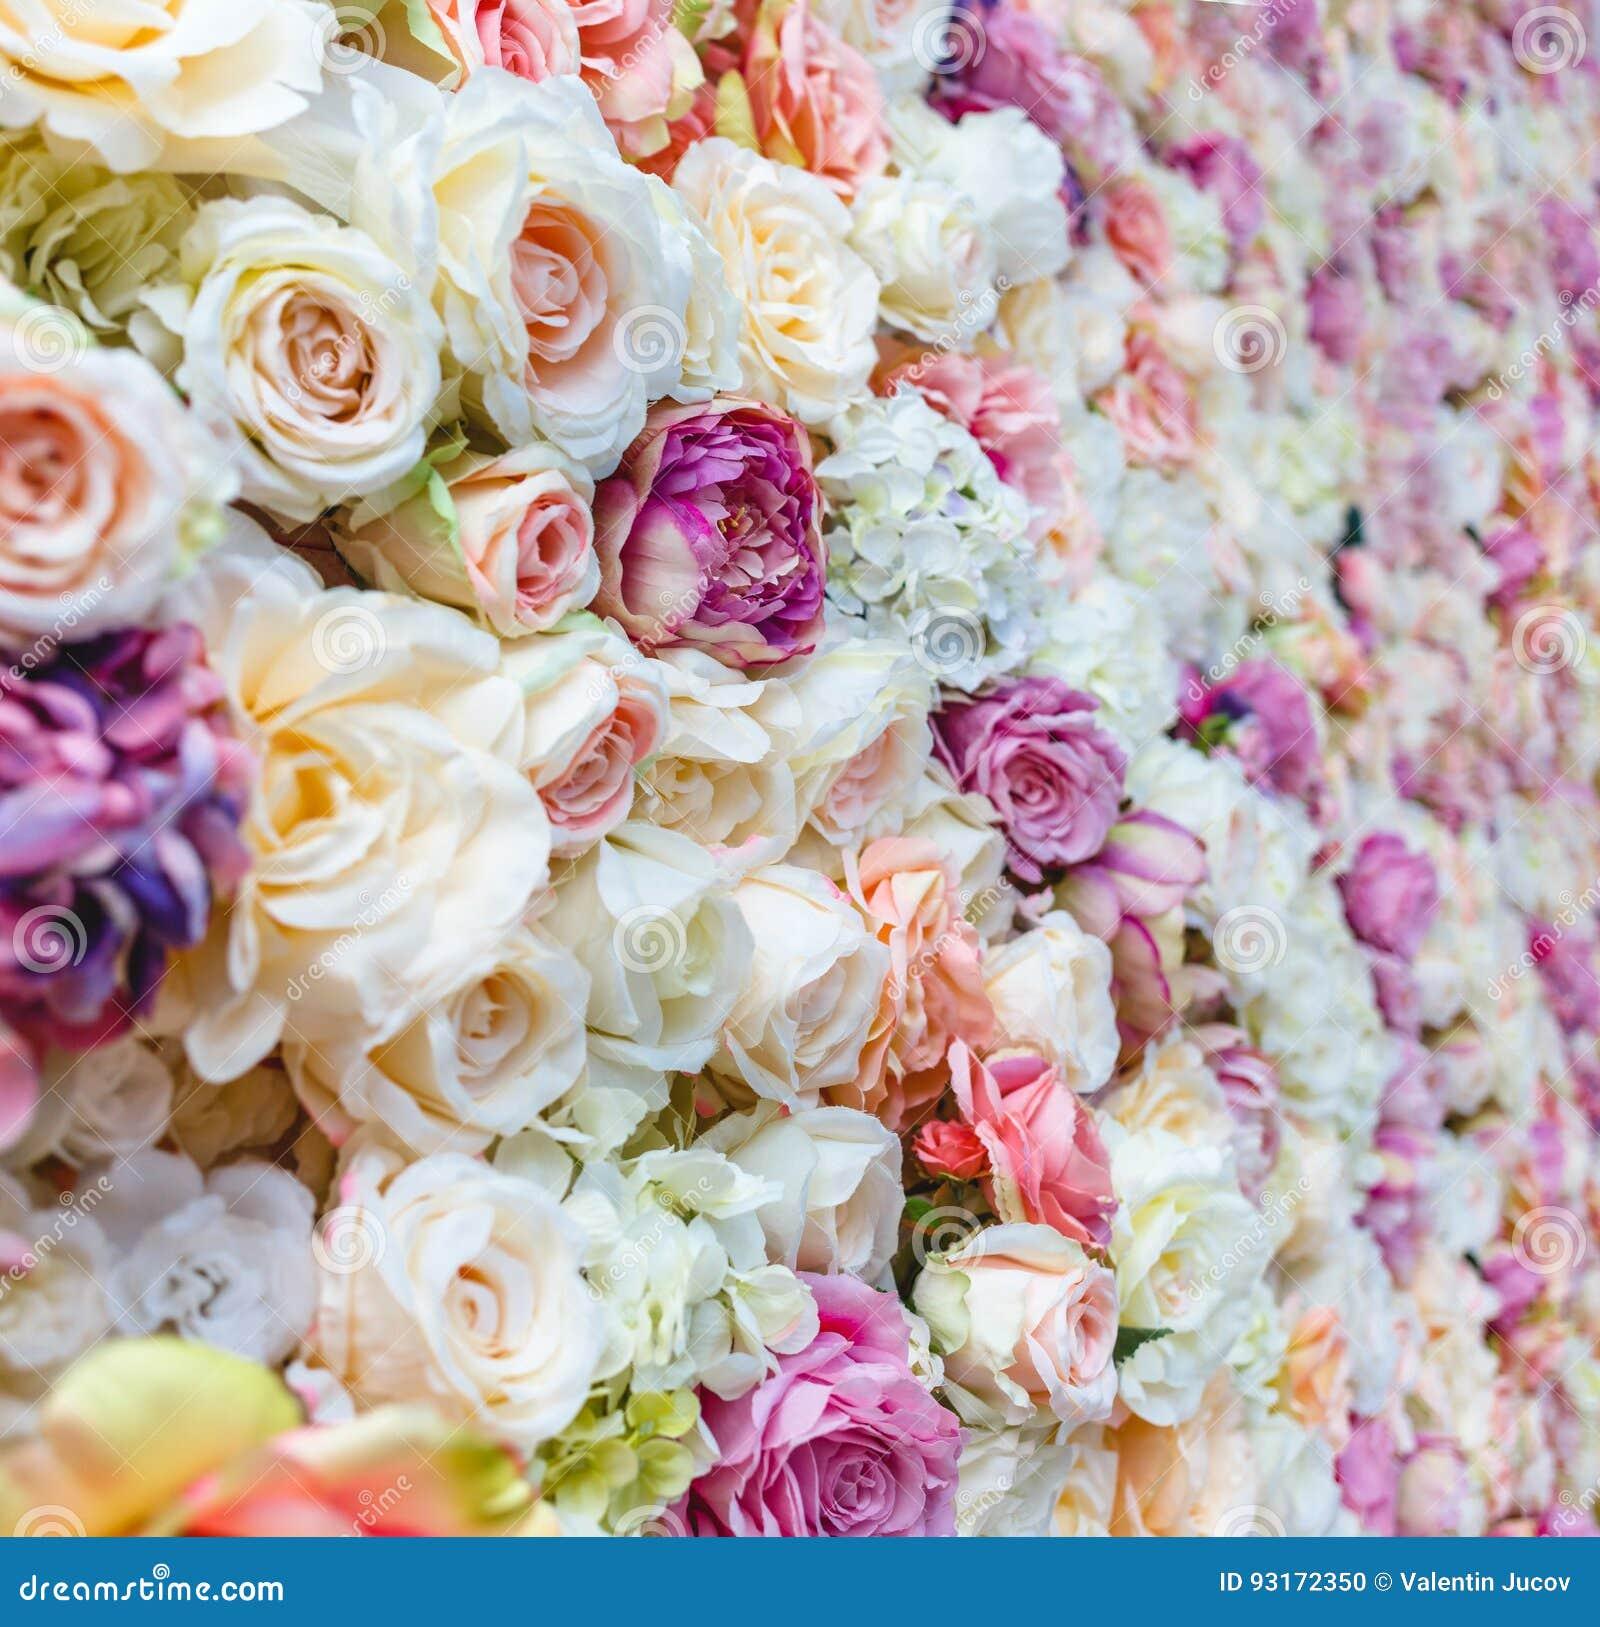 Fondo de la pared de las flores con sorprender las rosas rojas y blancas, casandose la decoración